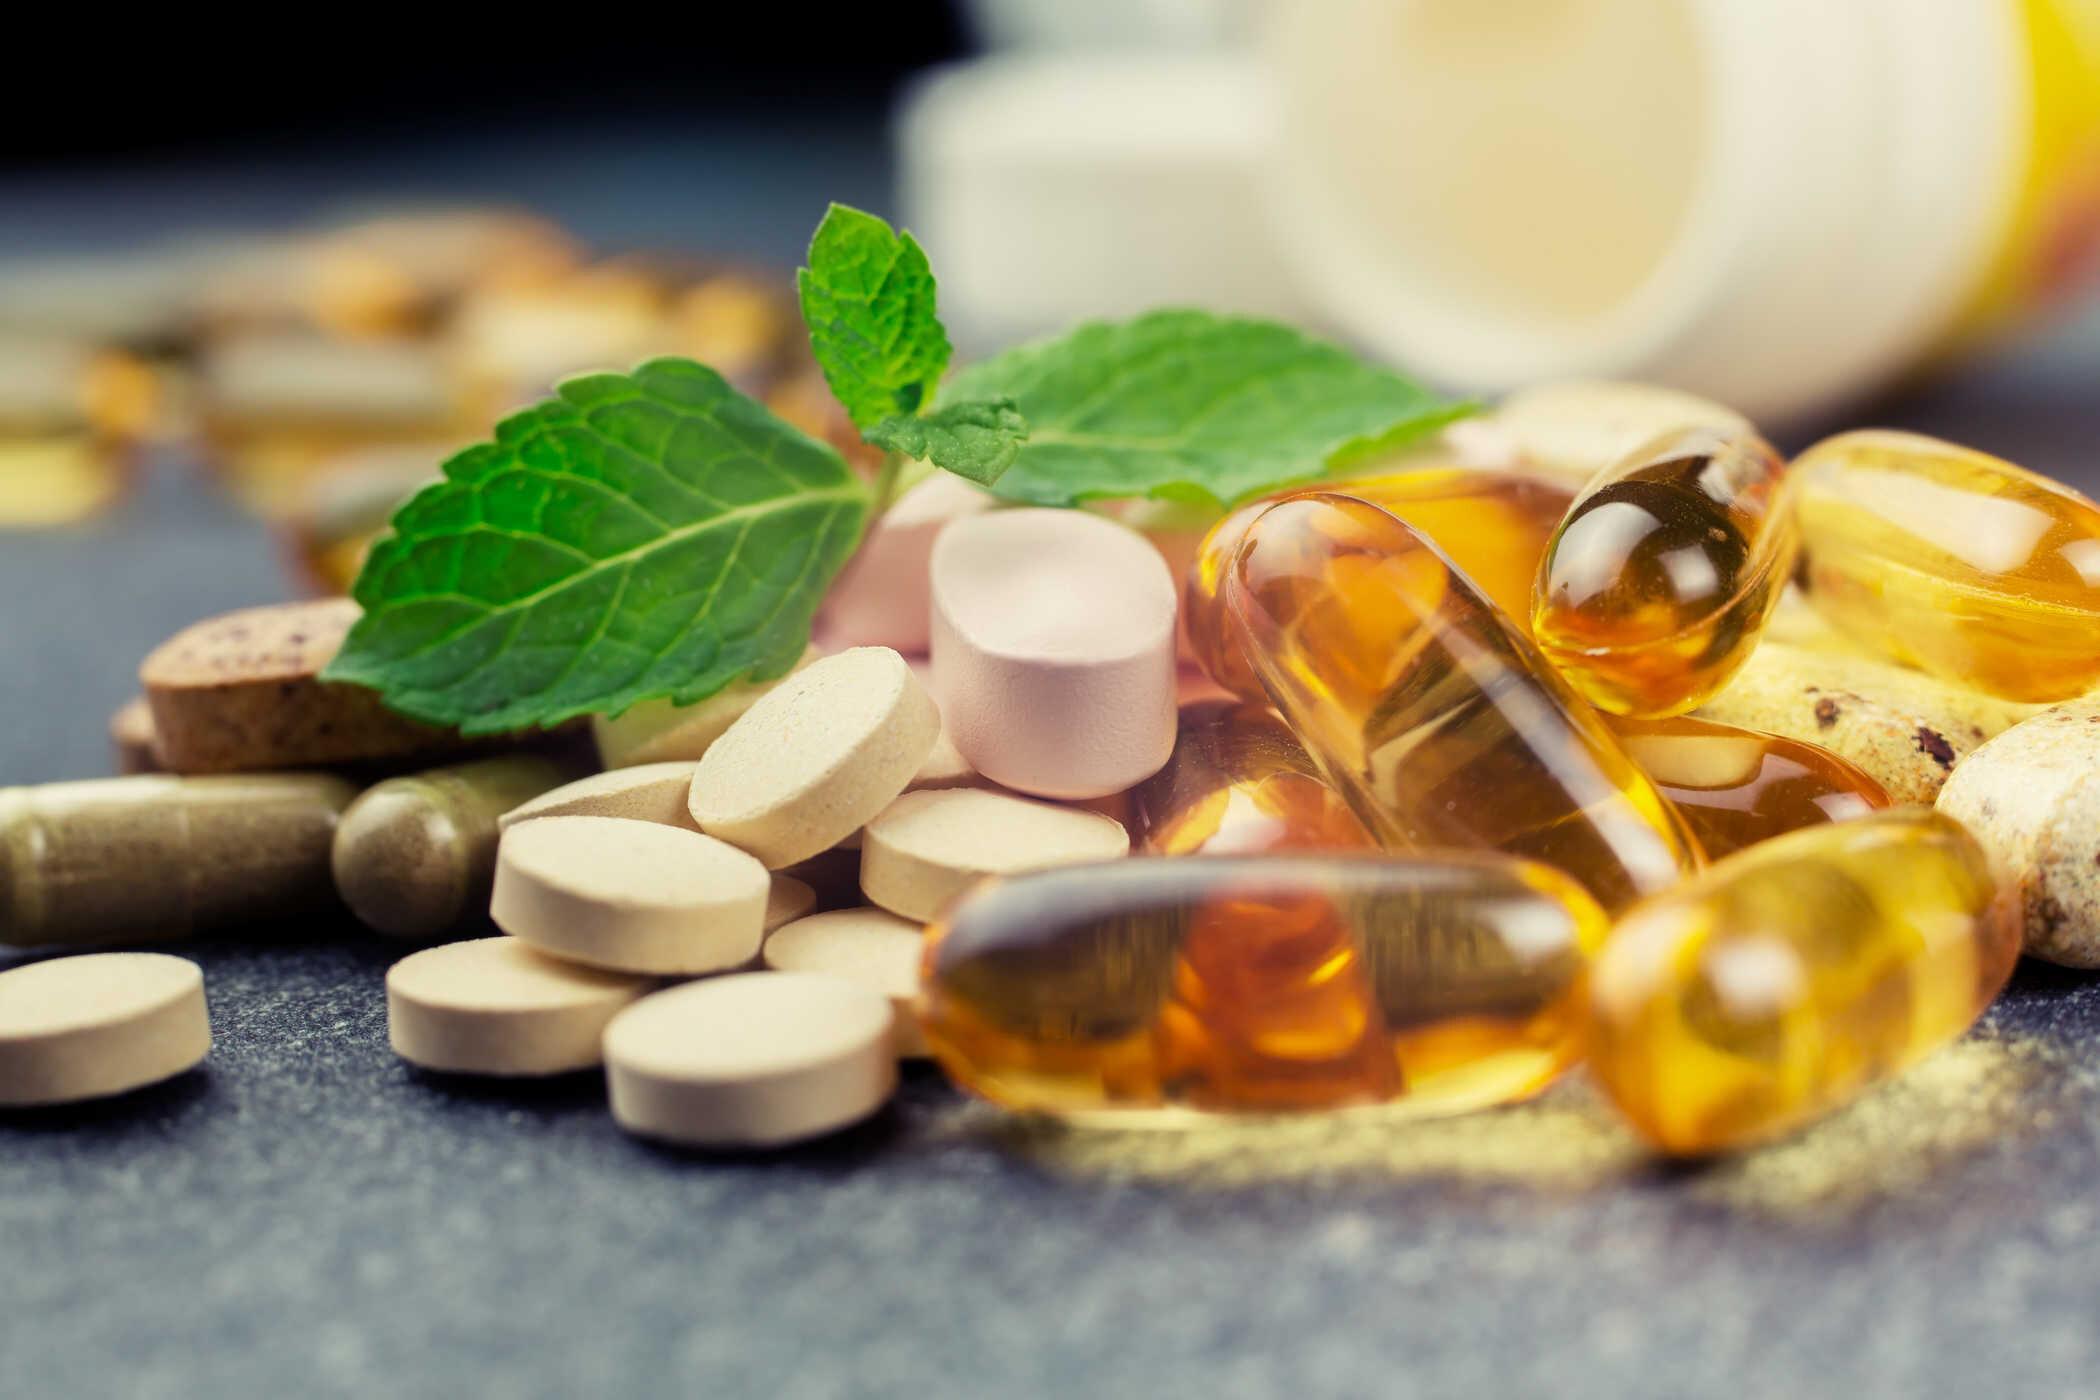 Bổ sung thuốc Omega 3 hỗ trợ trí não của bé phát triển vượt trội